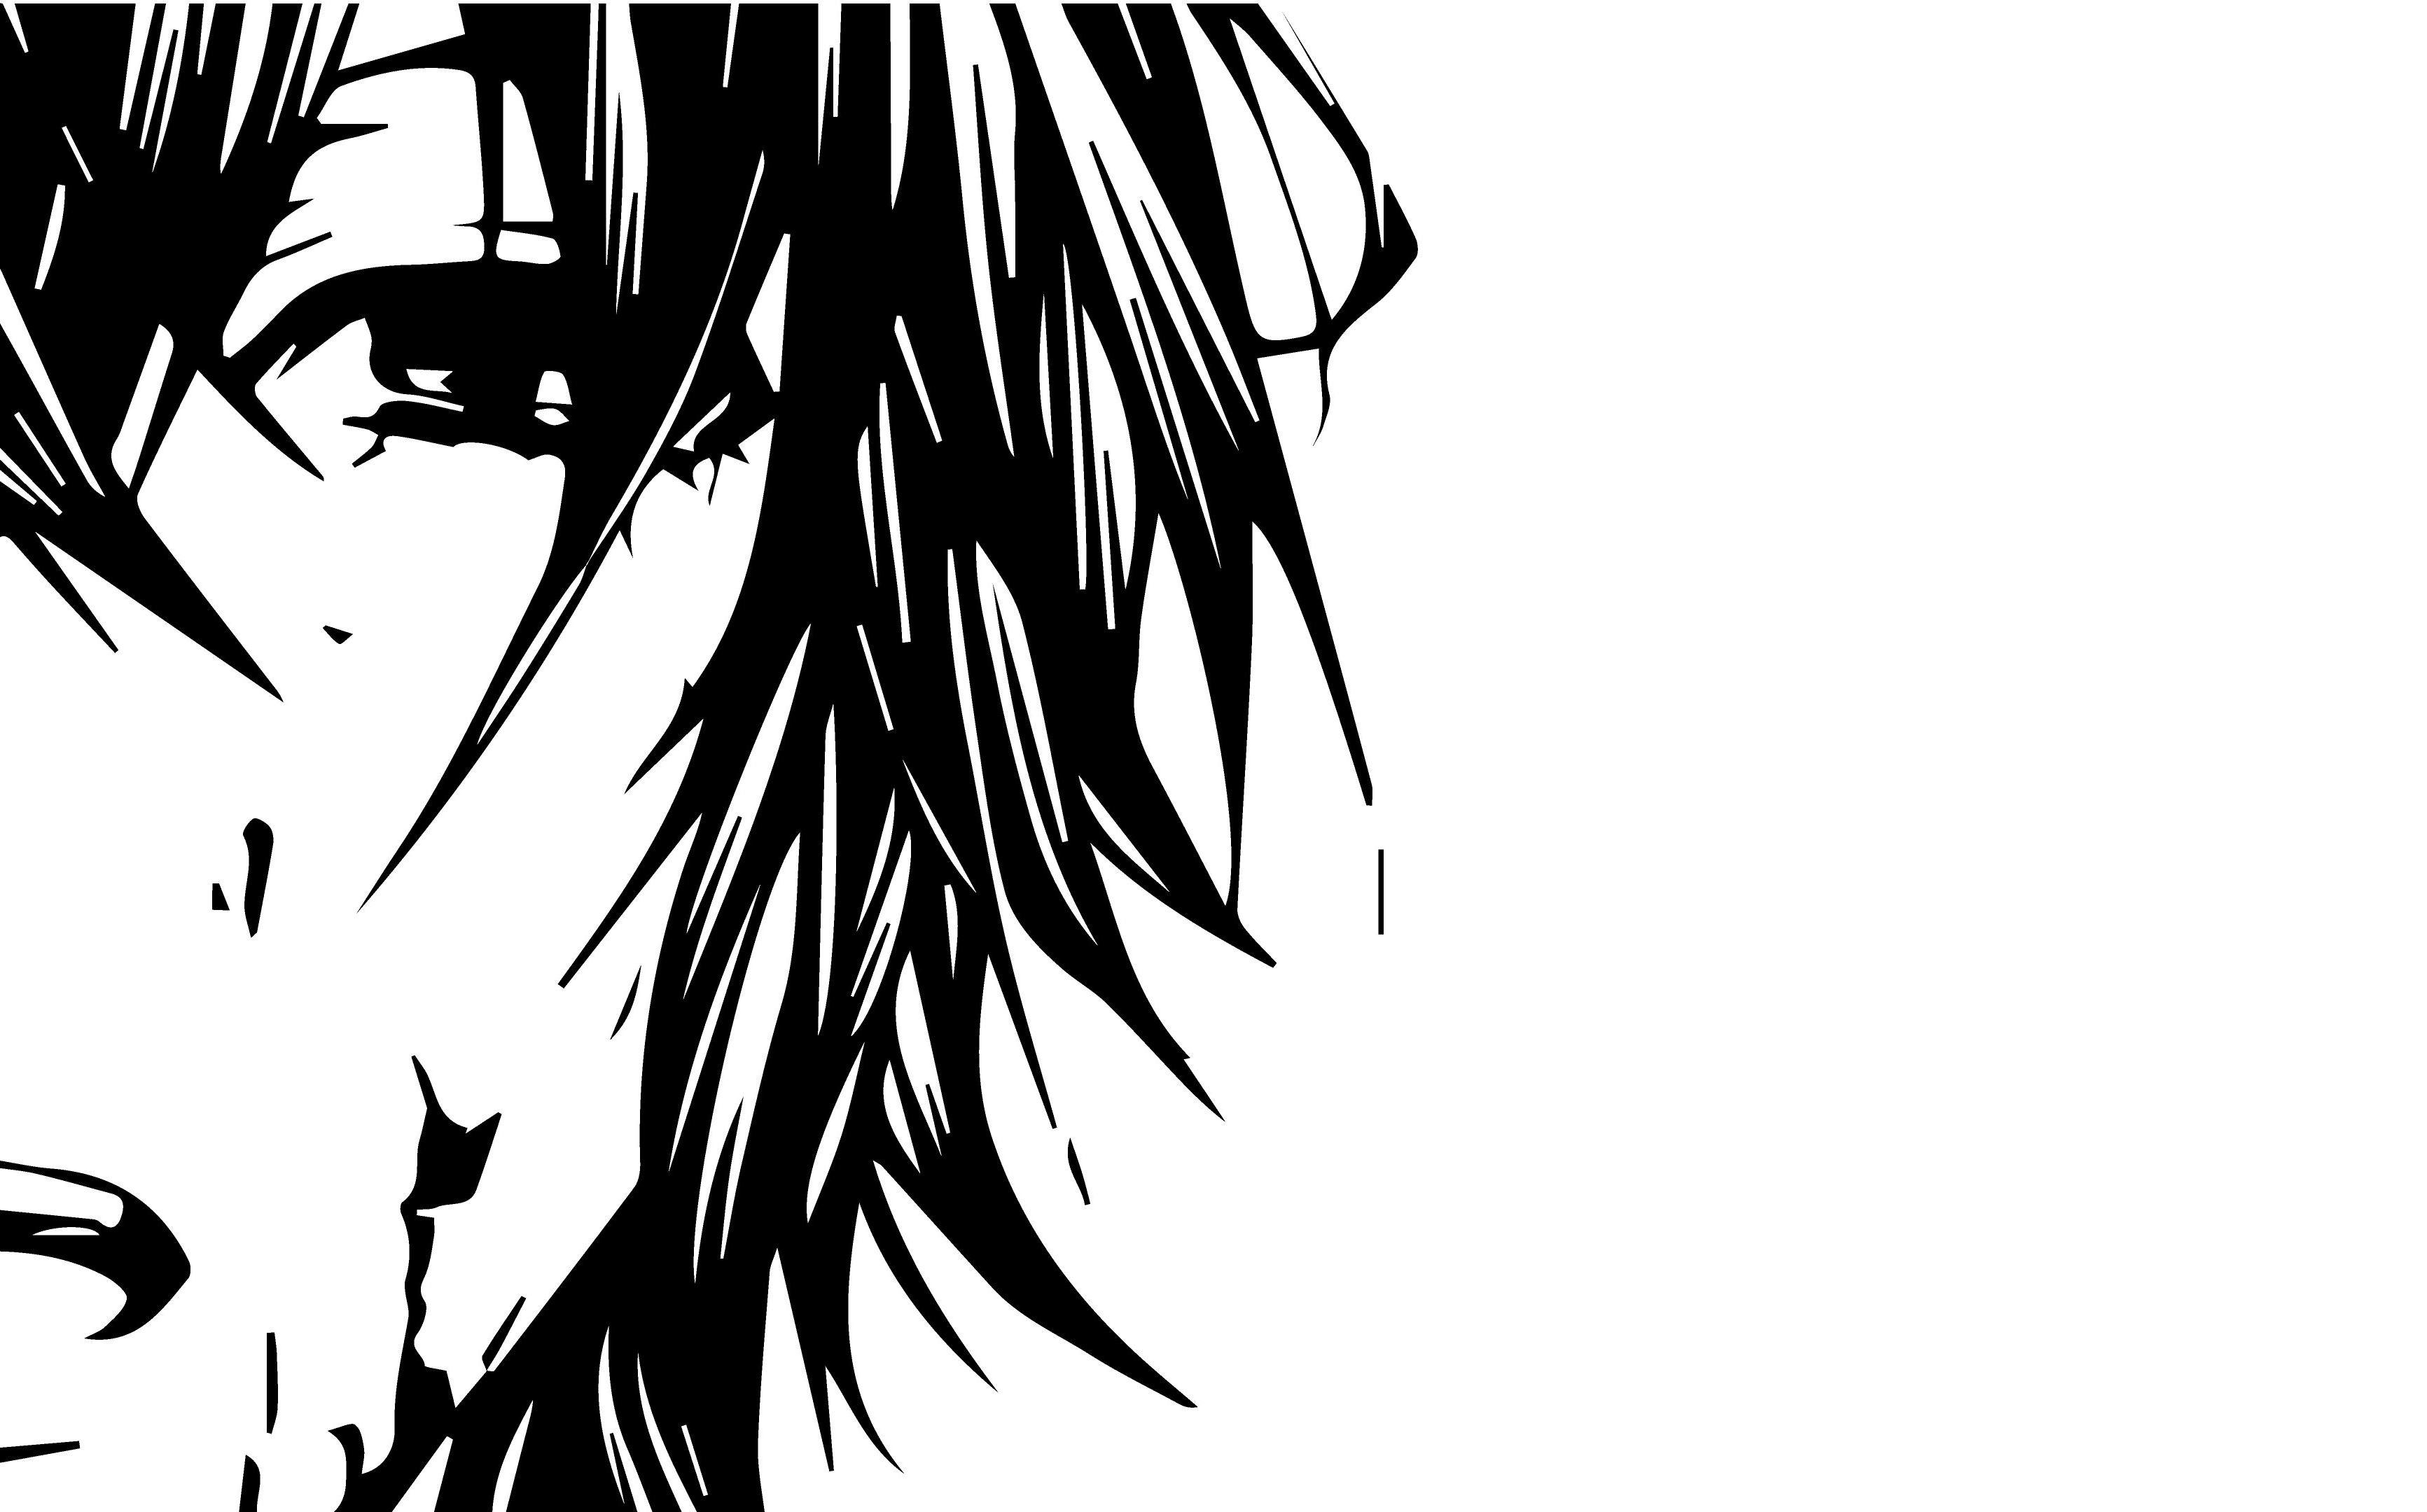 86 Sad Anime Wallpapers on WallpaperPlay 3466x2160